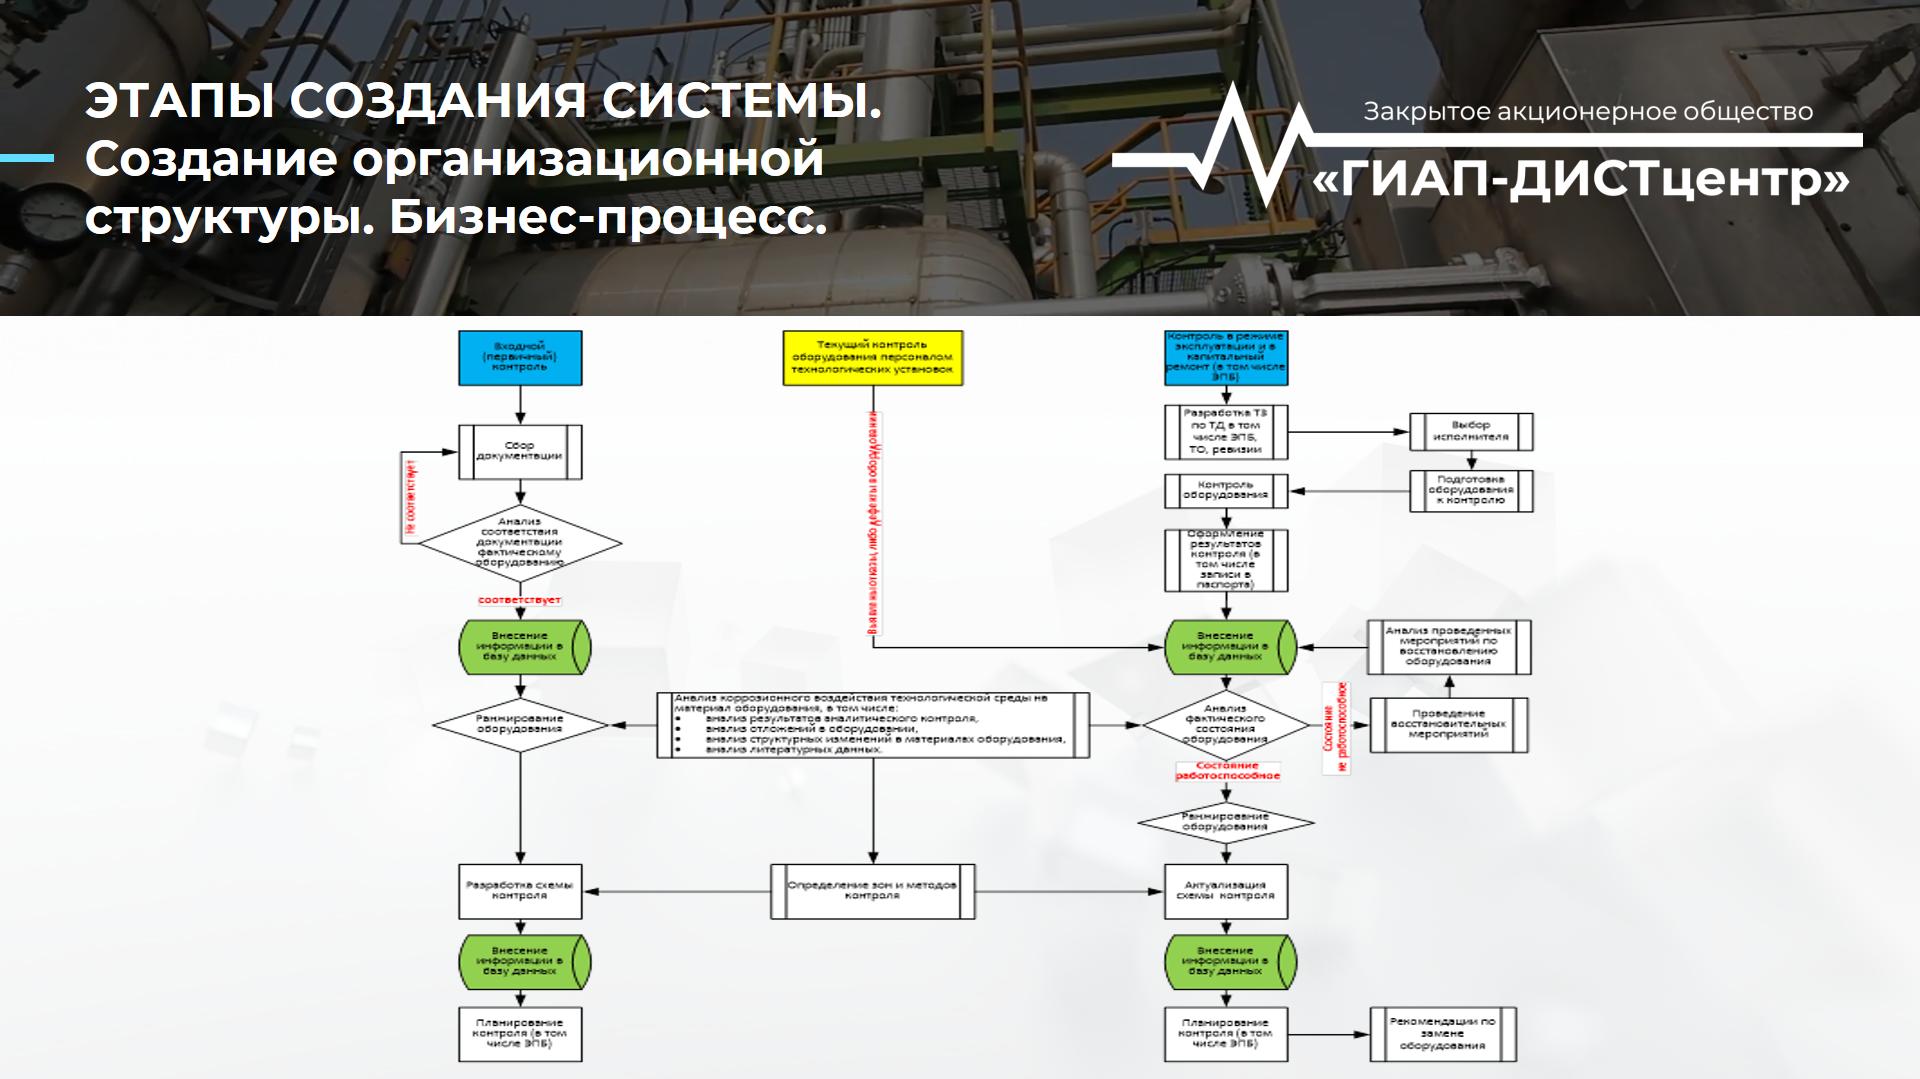 Система контроля технических устройств. Этапы создания системы. Бизнес-процесс